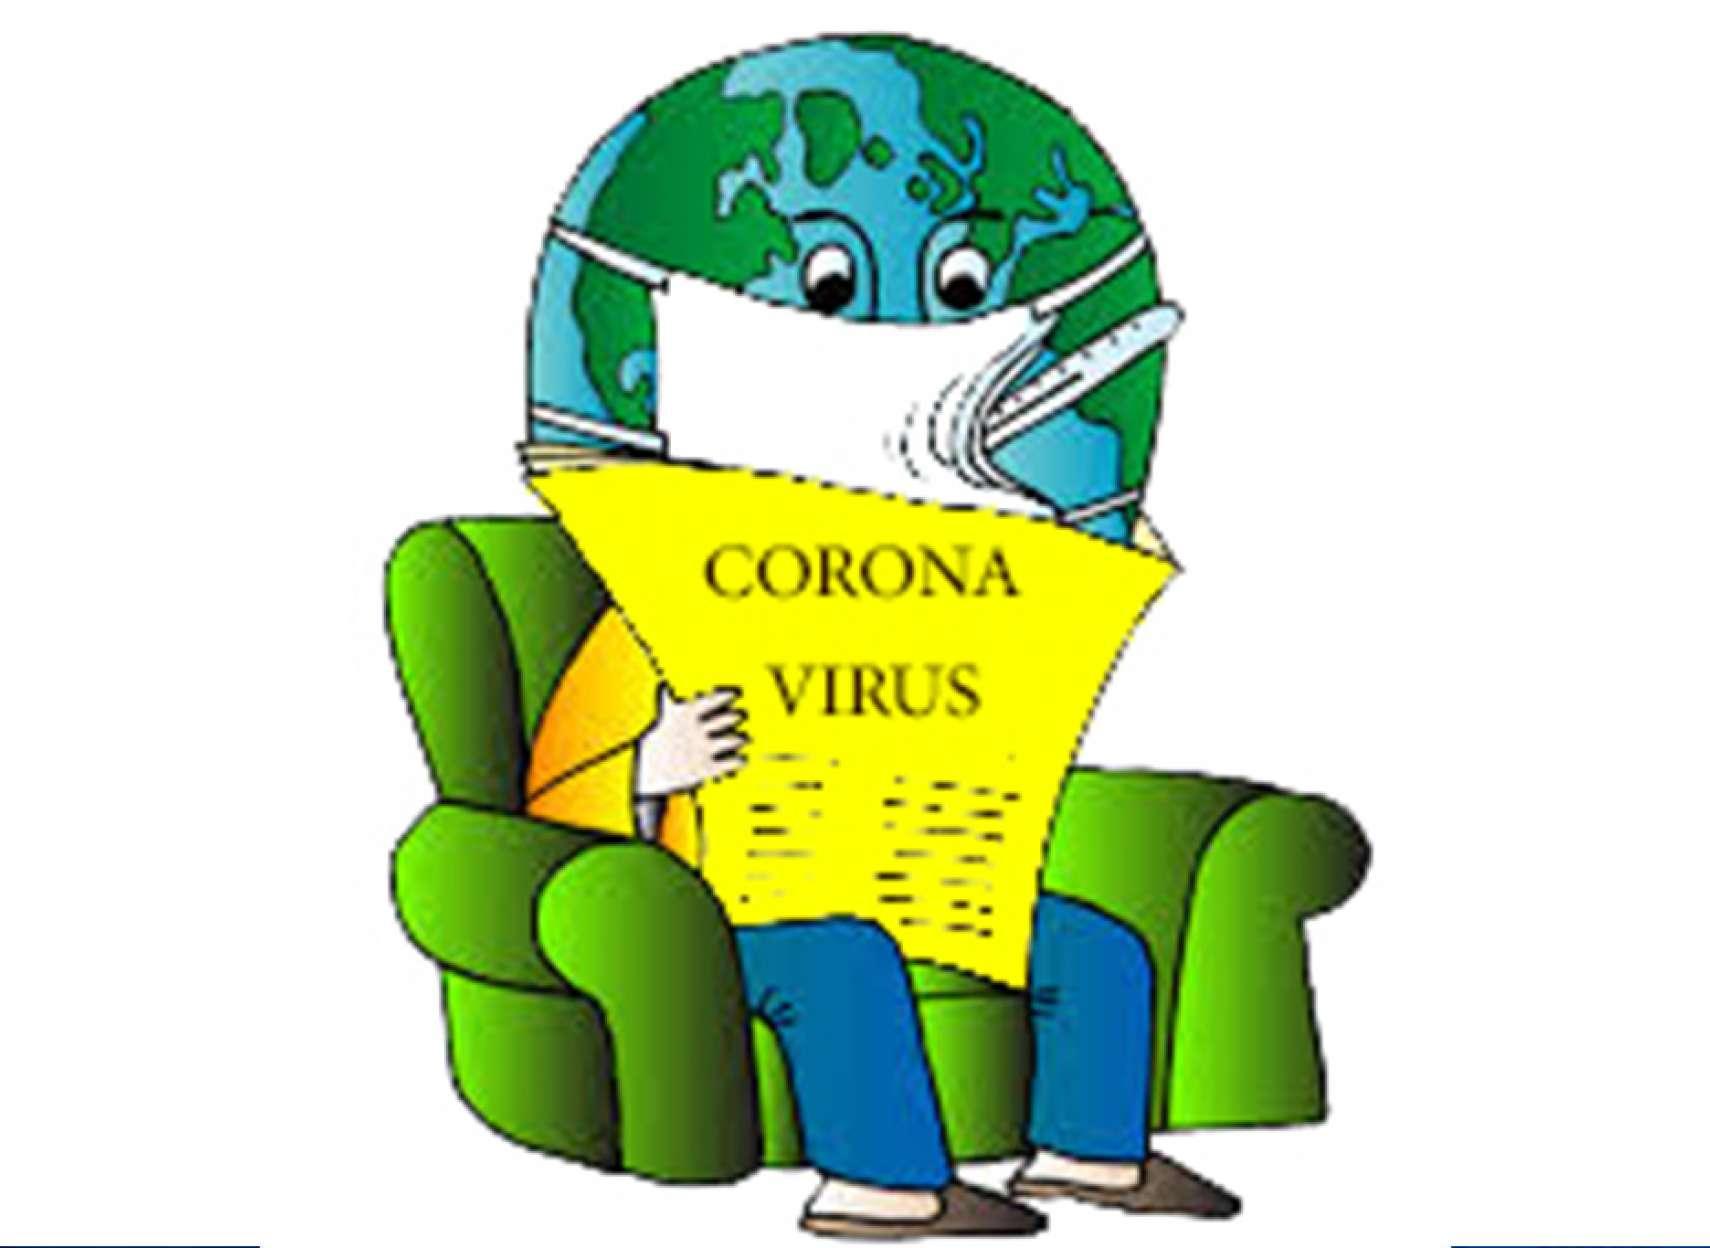 طنز-فضول-اندر-حکایت-صحبت-های-فضول-خان-درباره-ویروس-کرونا